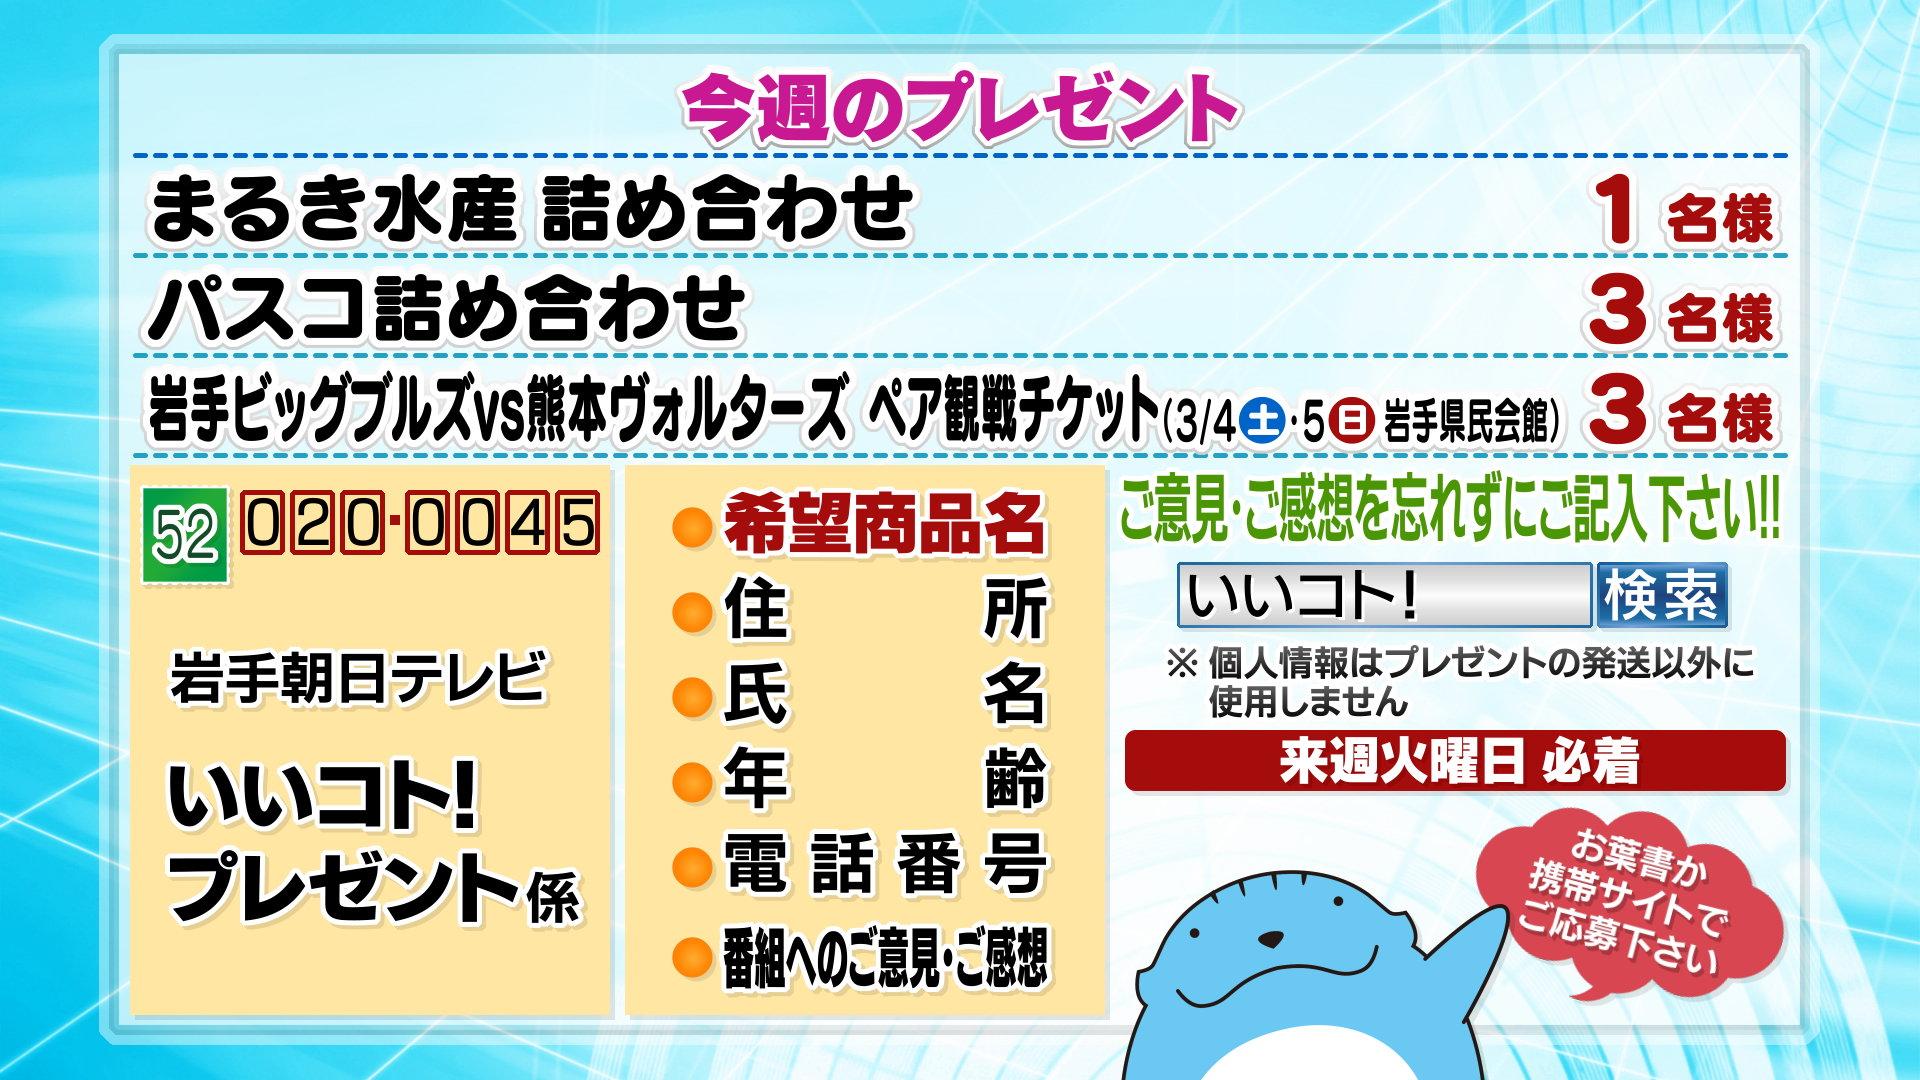 2/25(土)放送分のプレゼント